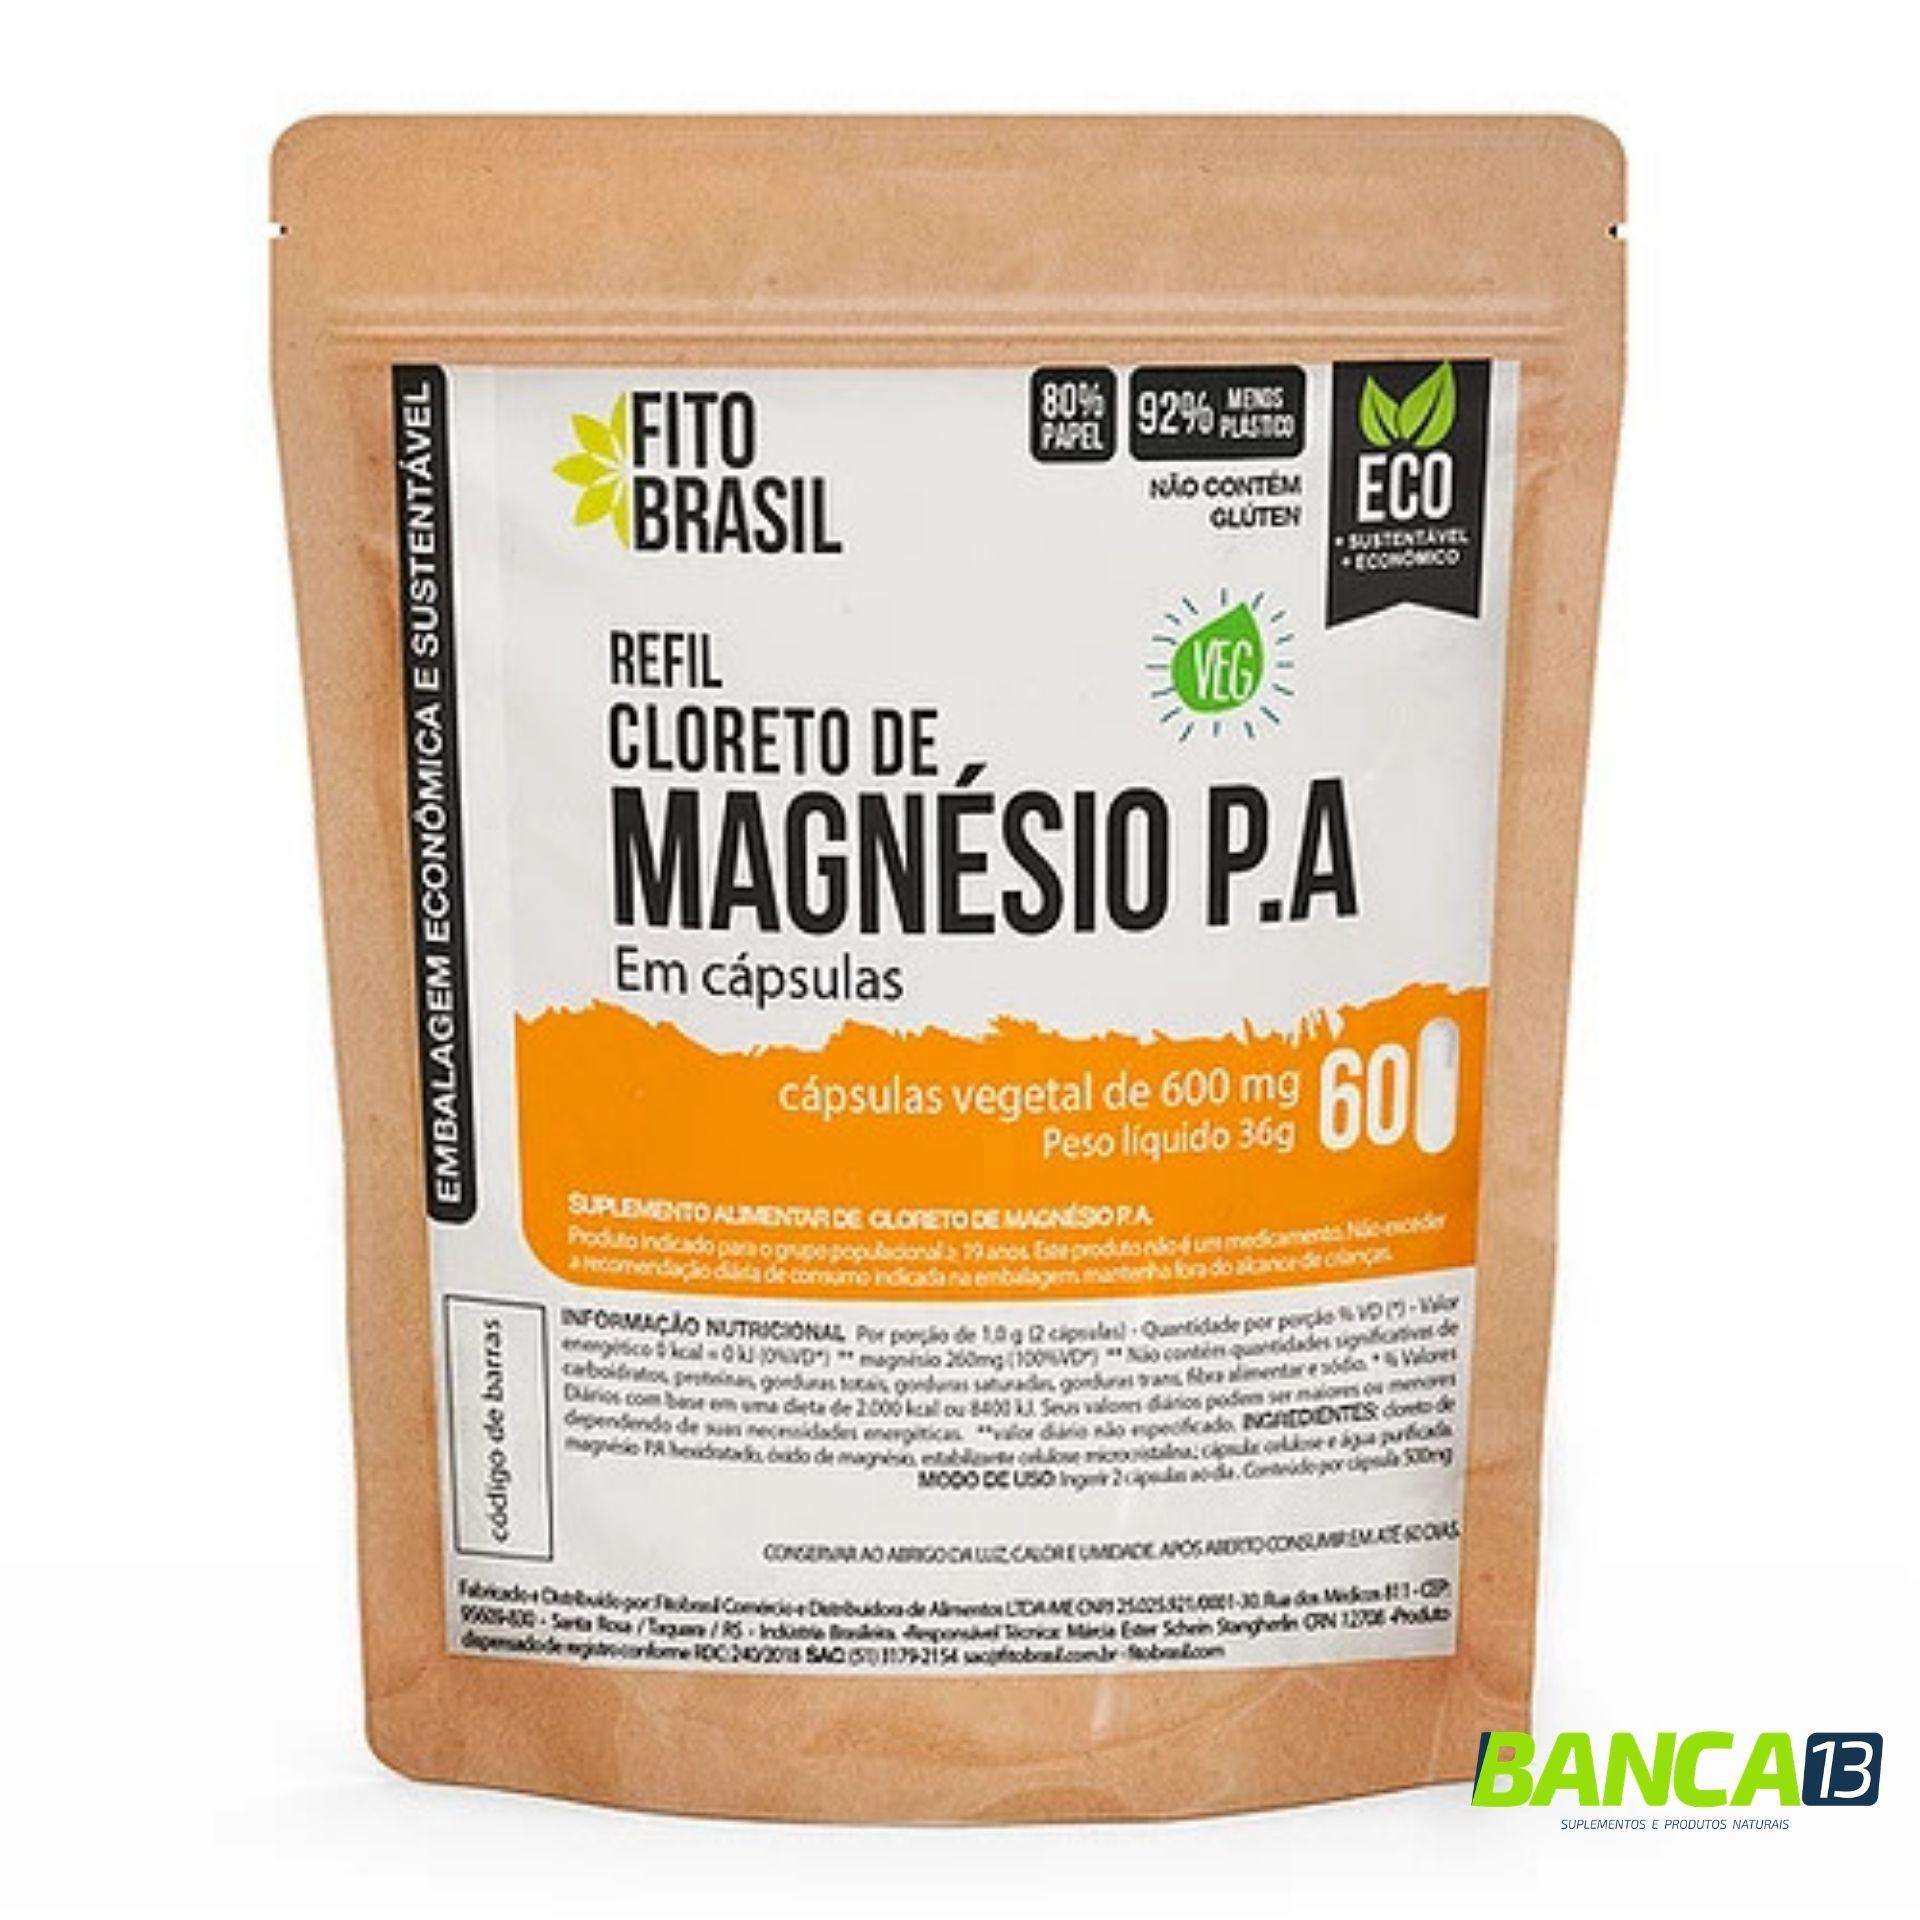 Cloreto de Magnésio P.A em Cápsulas 60 cáps de 600mg Fitobrasil EcoRefil